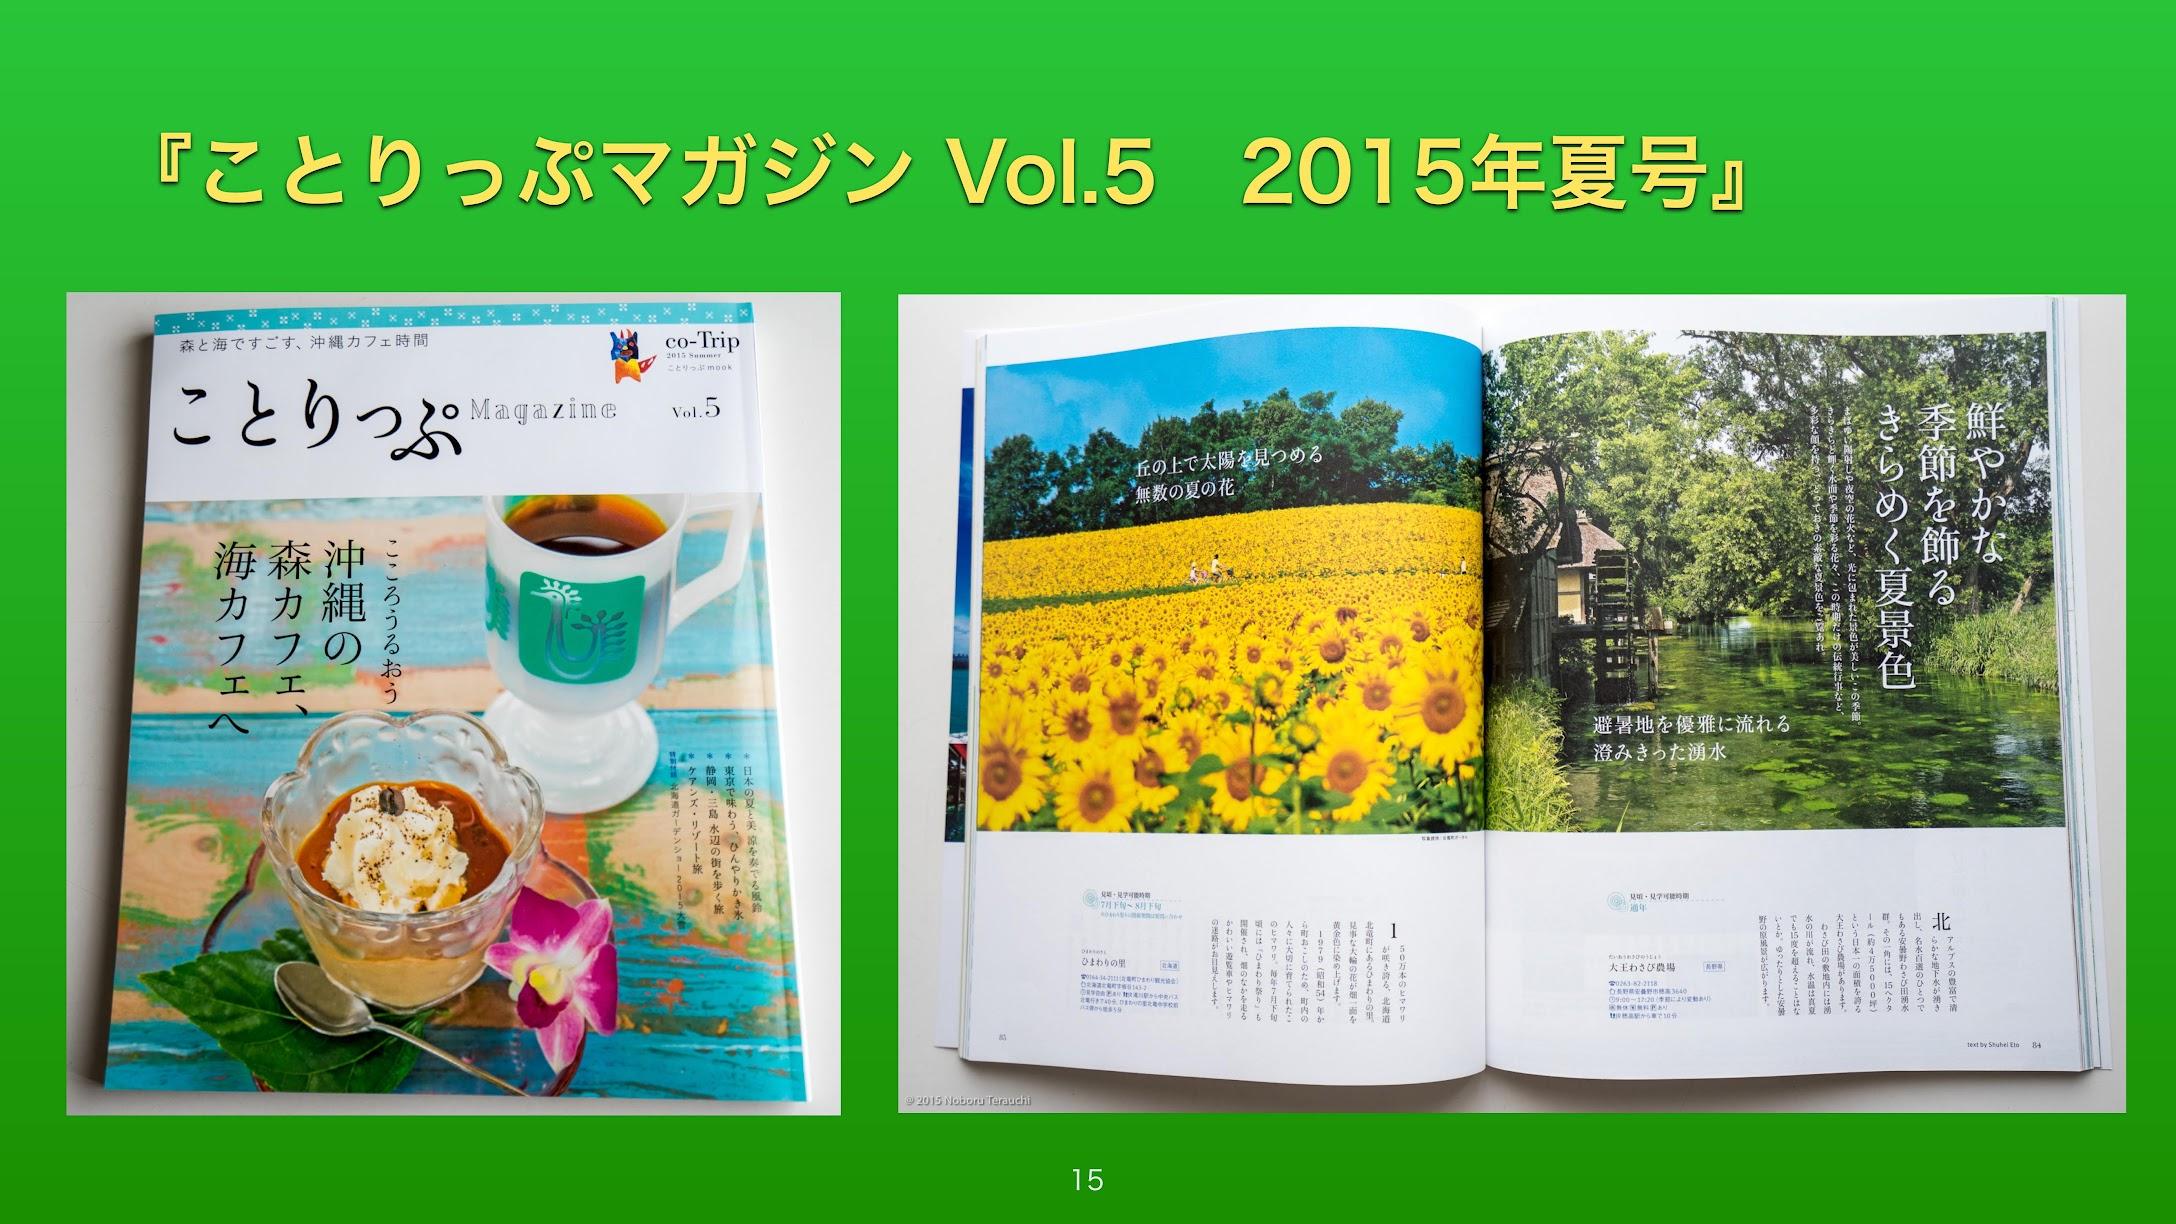 ことりっぷマガジンVo.5 2015年夏号